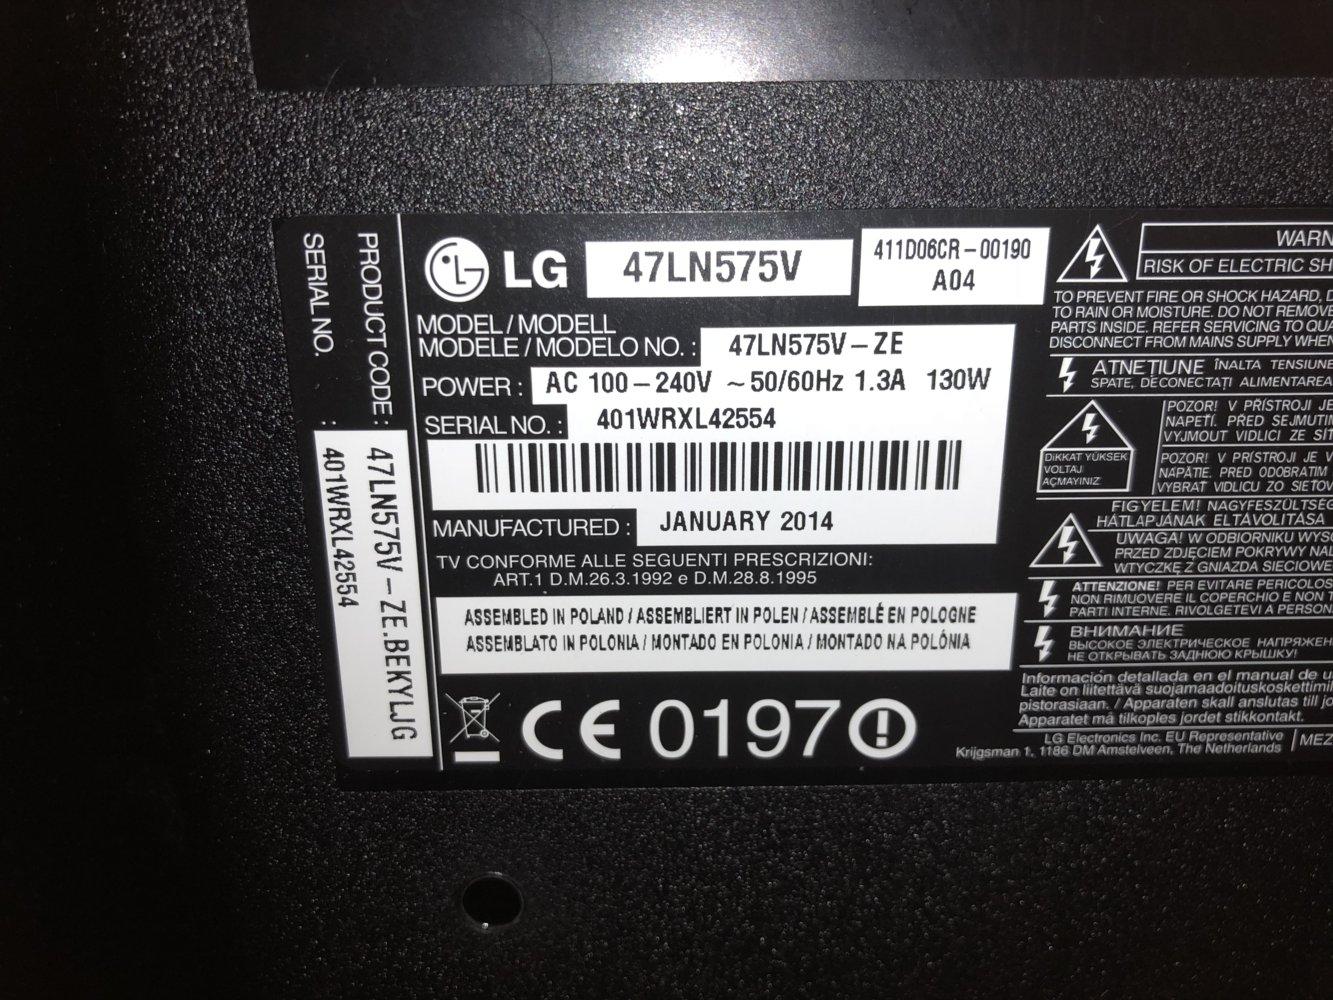 405BCD5C-E23A-4D1E-AD0F-FA207928A5DC.jpeg